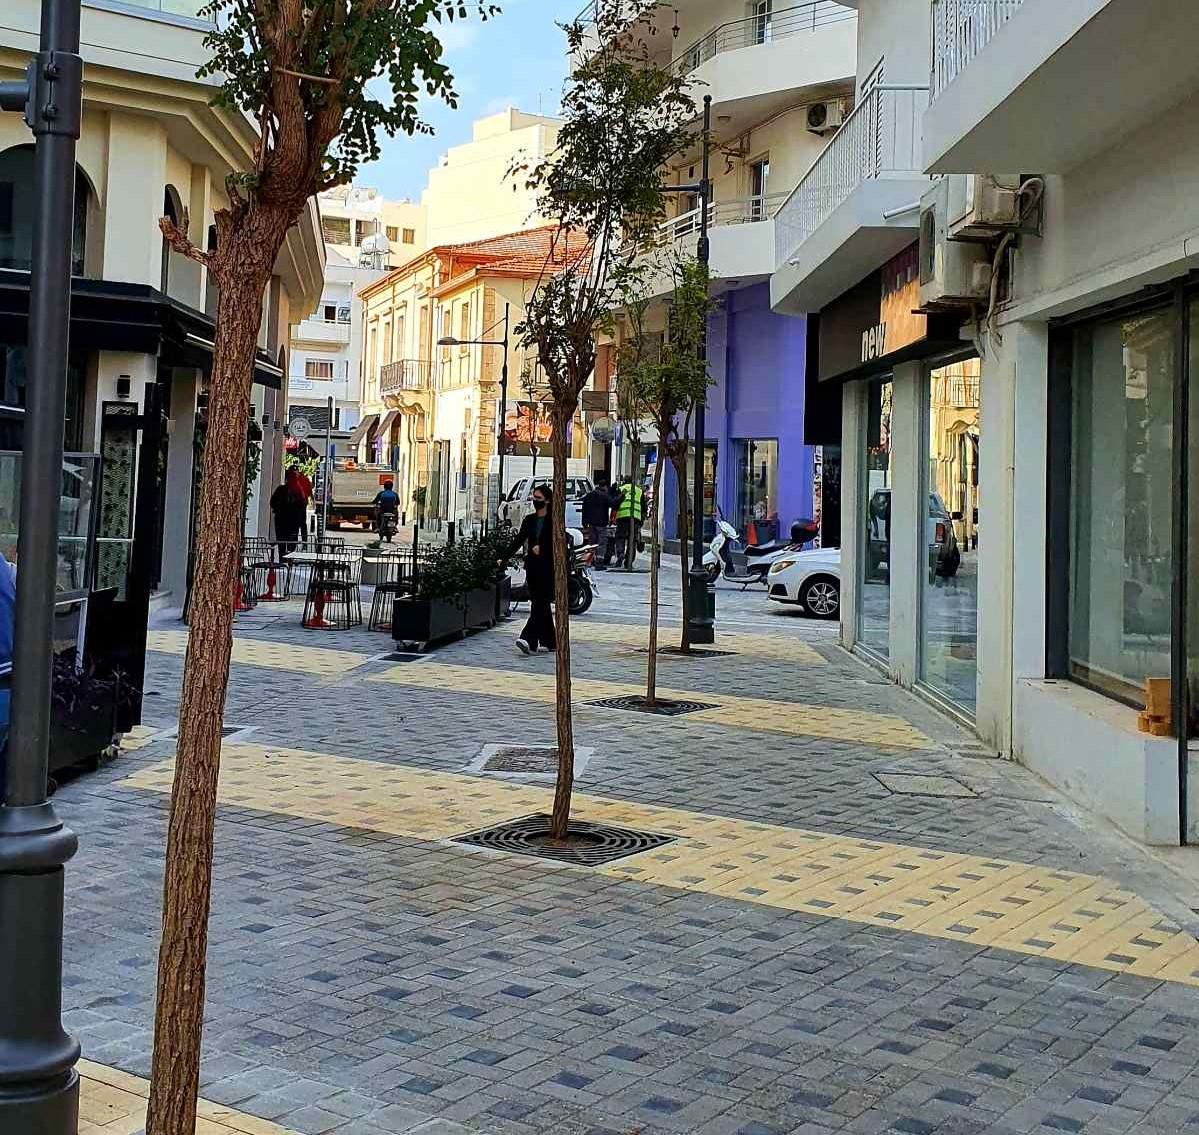 Αλλάζει το εμπορικό κέντρο της Λάρνακας να με την ανάπλαση δρόμων  και πεζοδρομίων